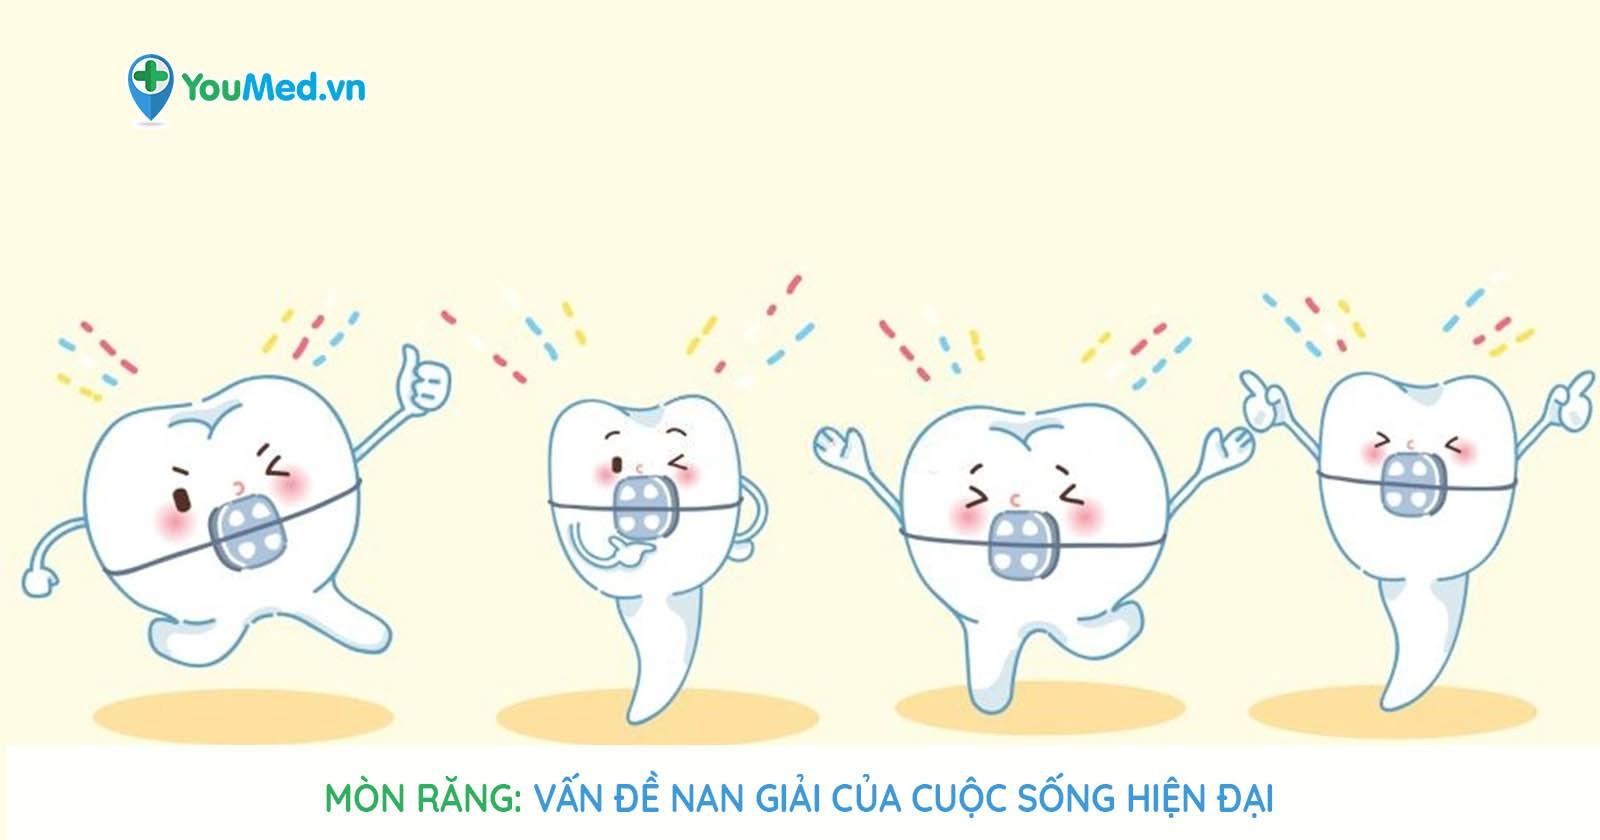 Mòn răng - Vấn đề nan giải của cuộc sống hiện đại